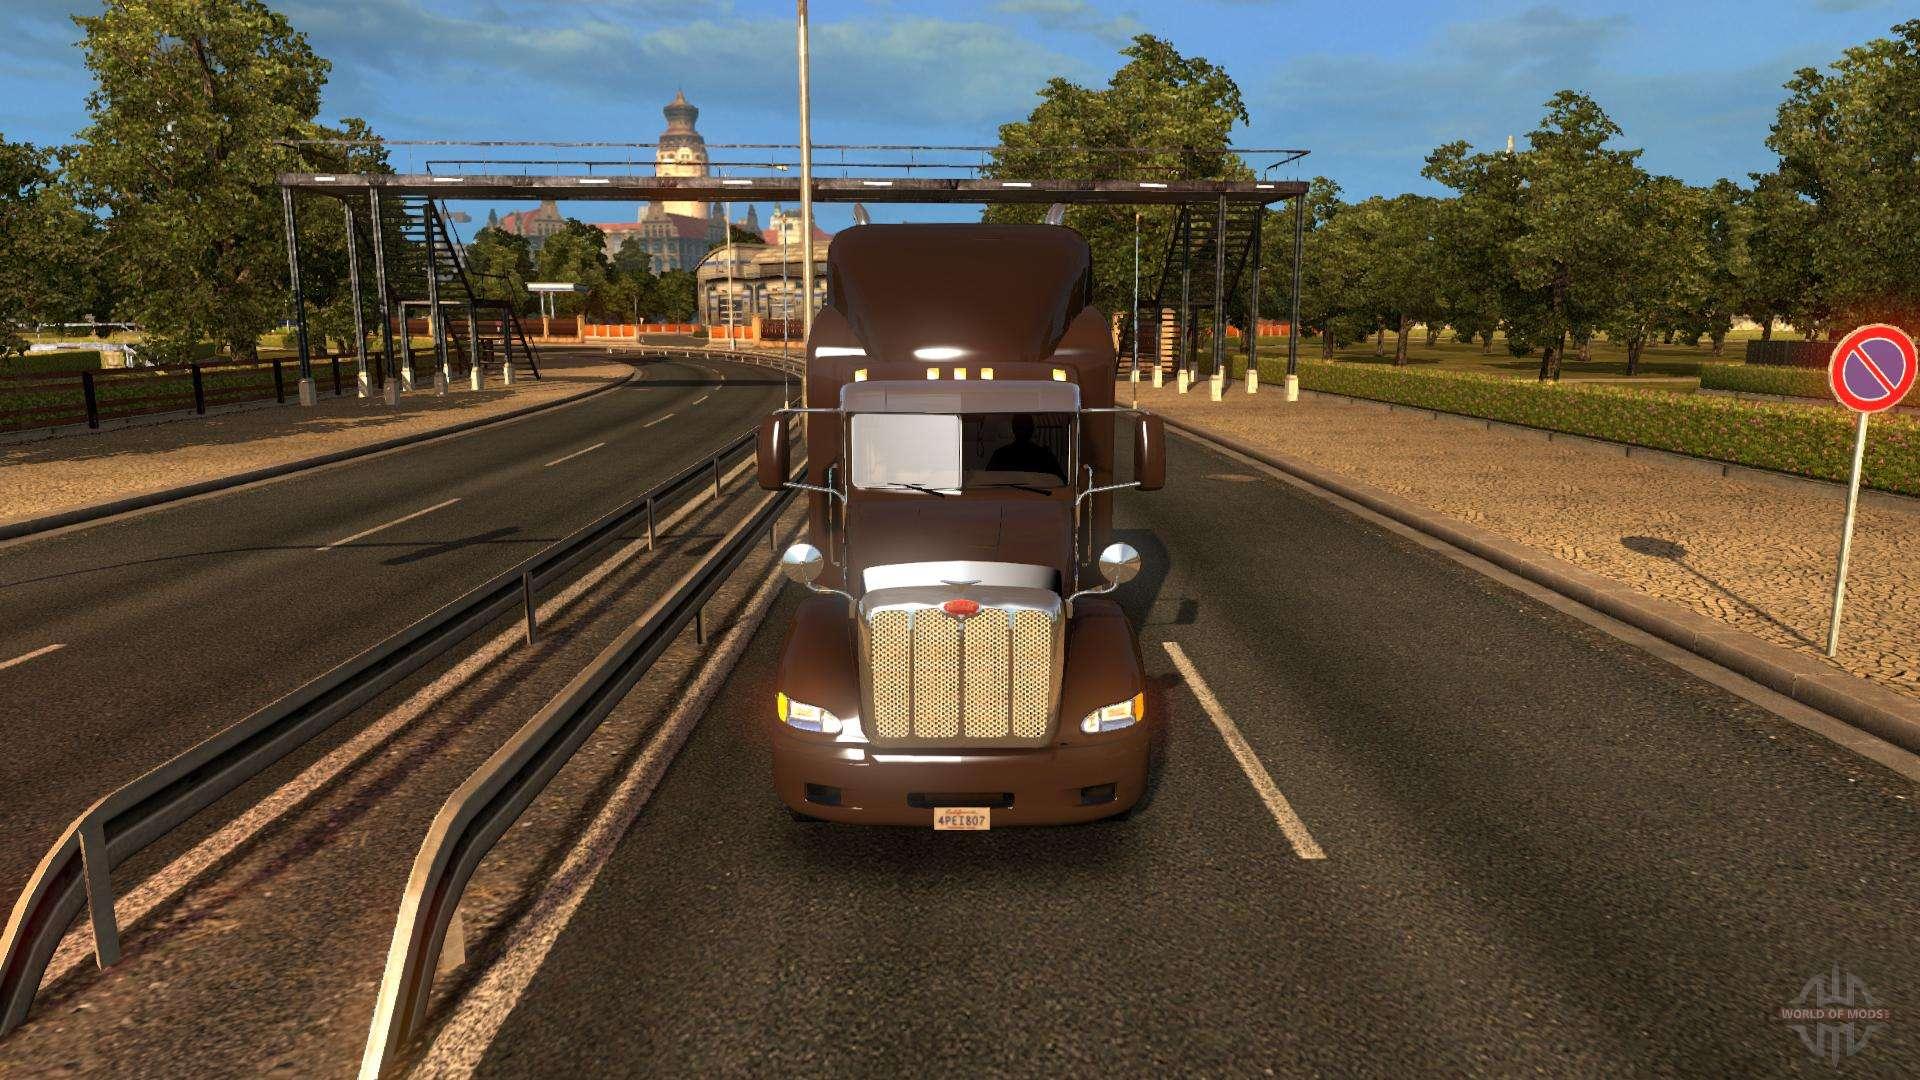 euro truck simulator 13 free download crack